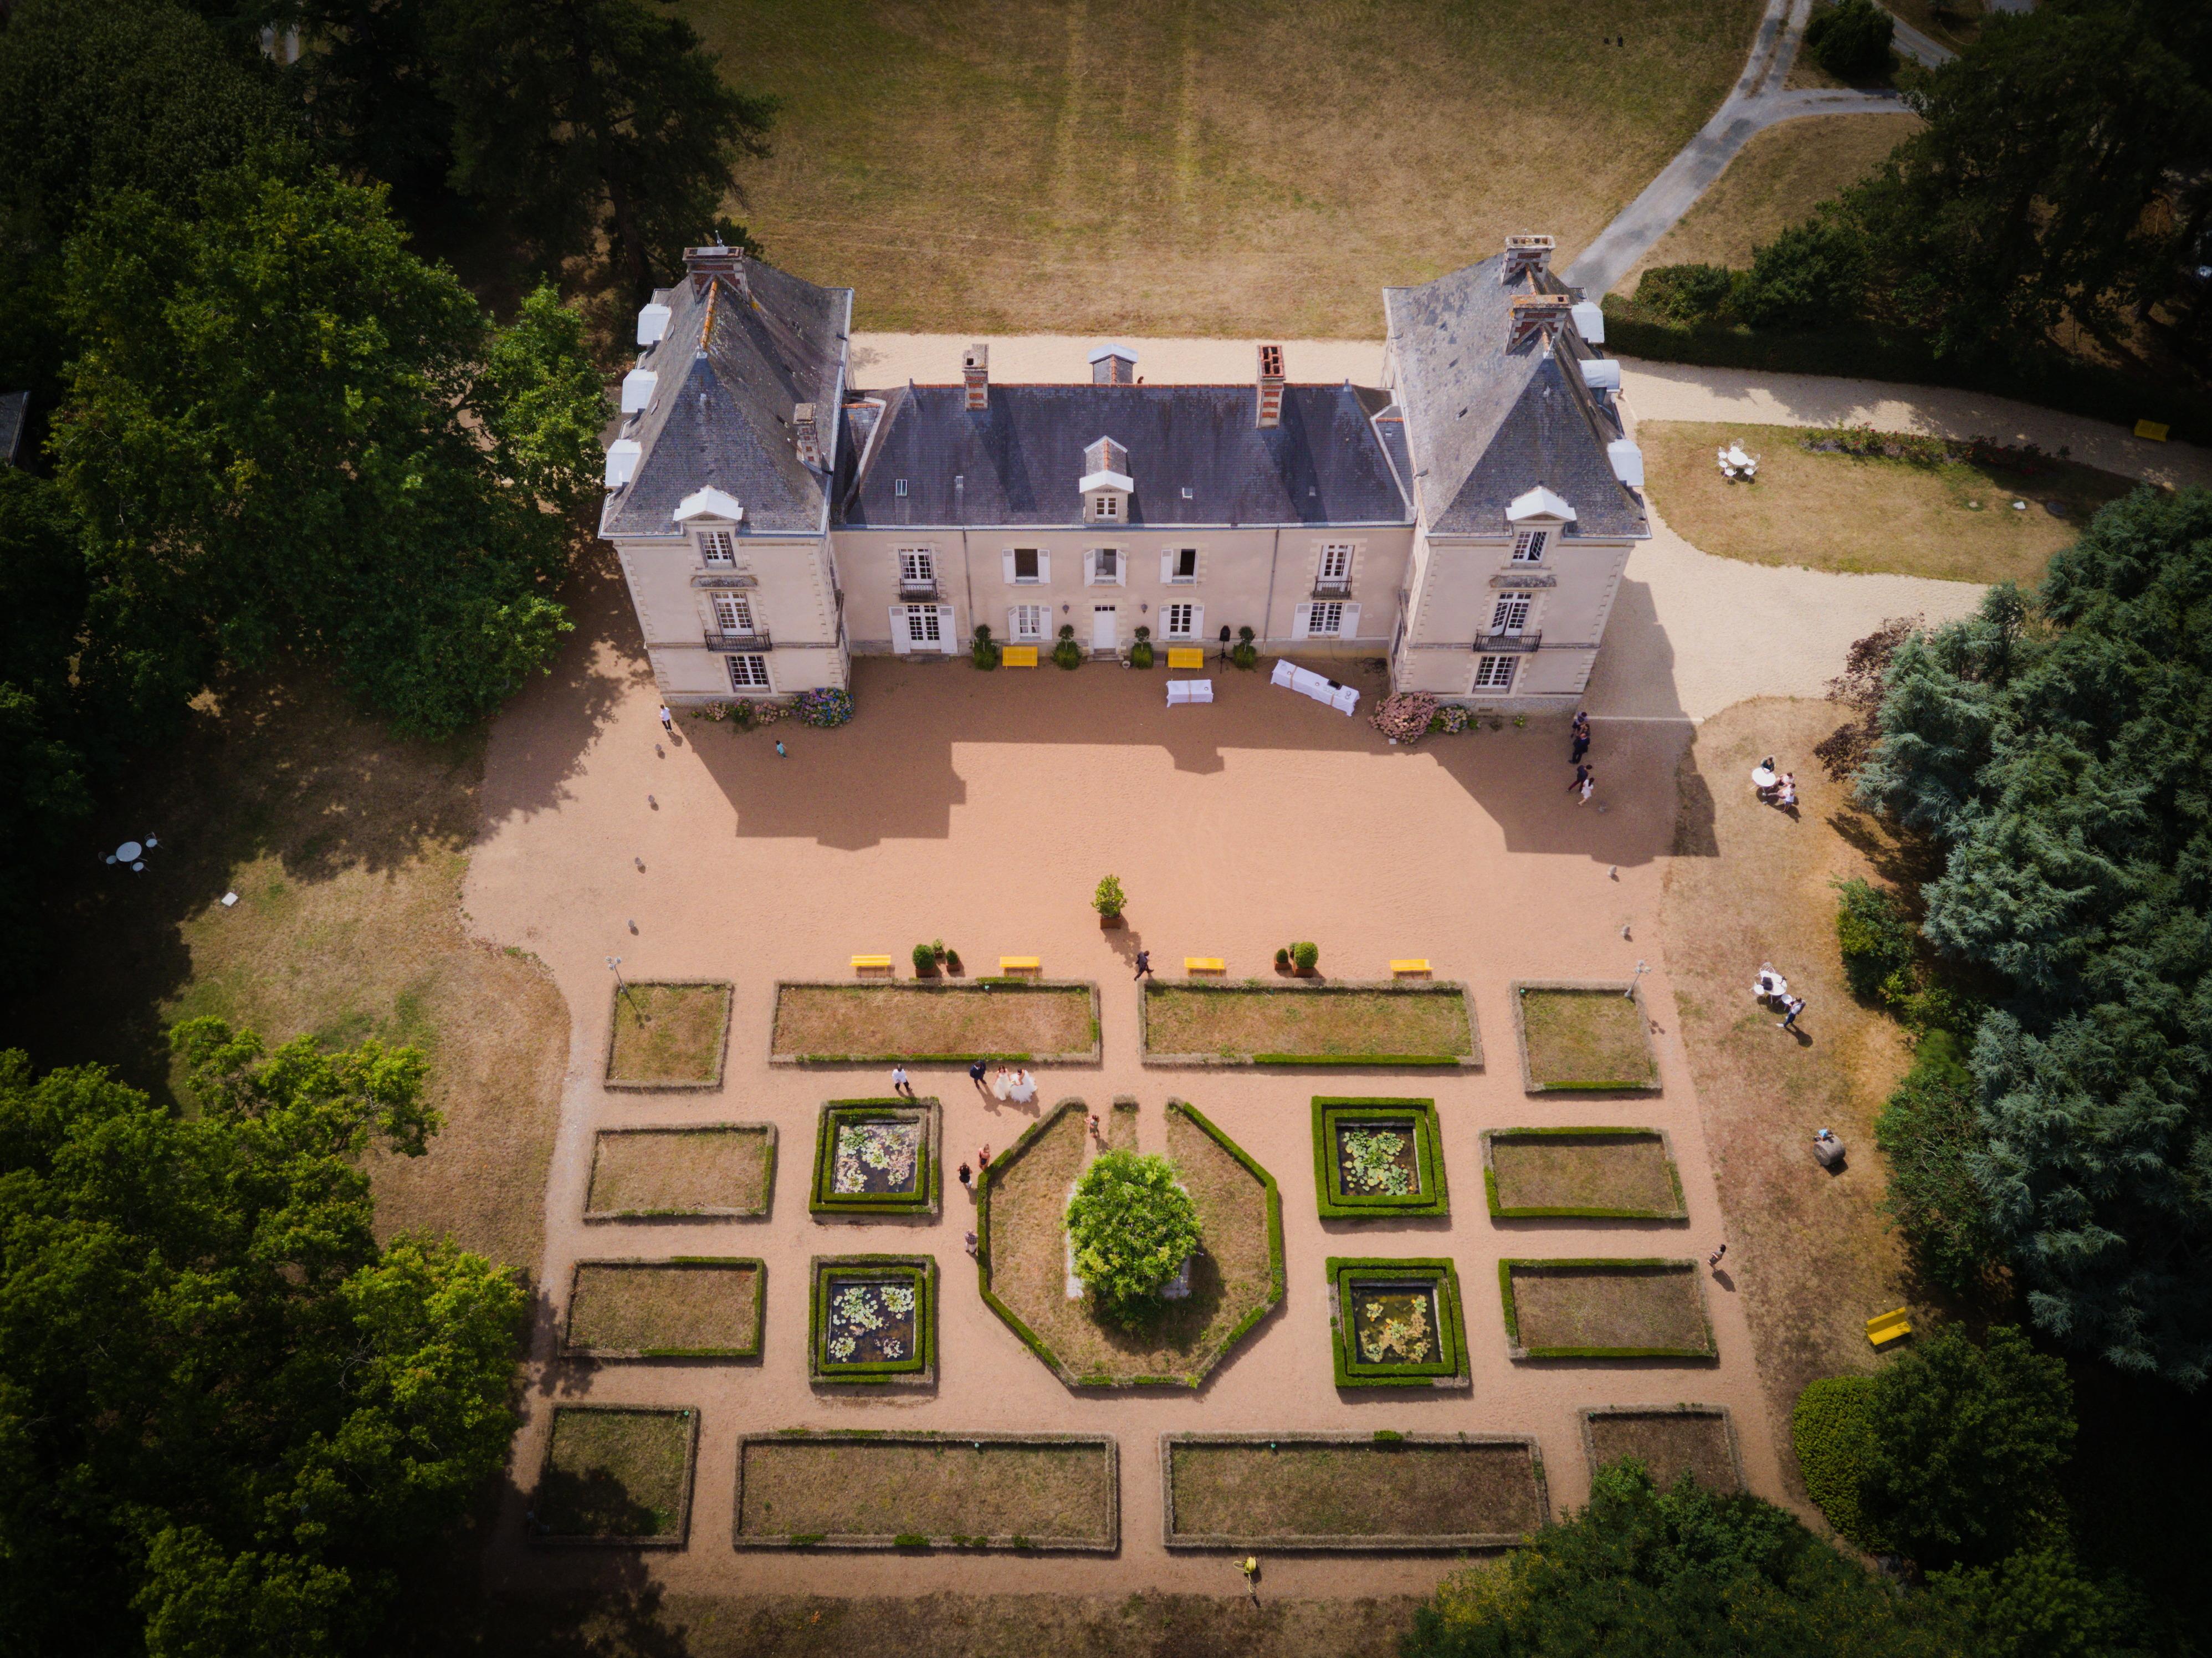 Galerie d'image - Hervé SEVELLEC - Photo/Vidéo/Drone